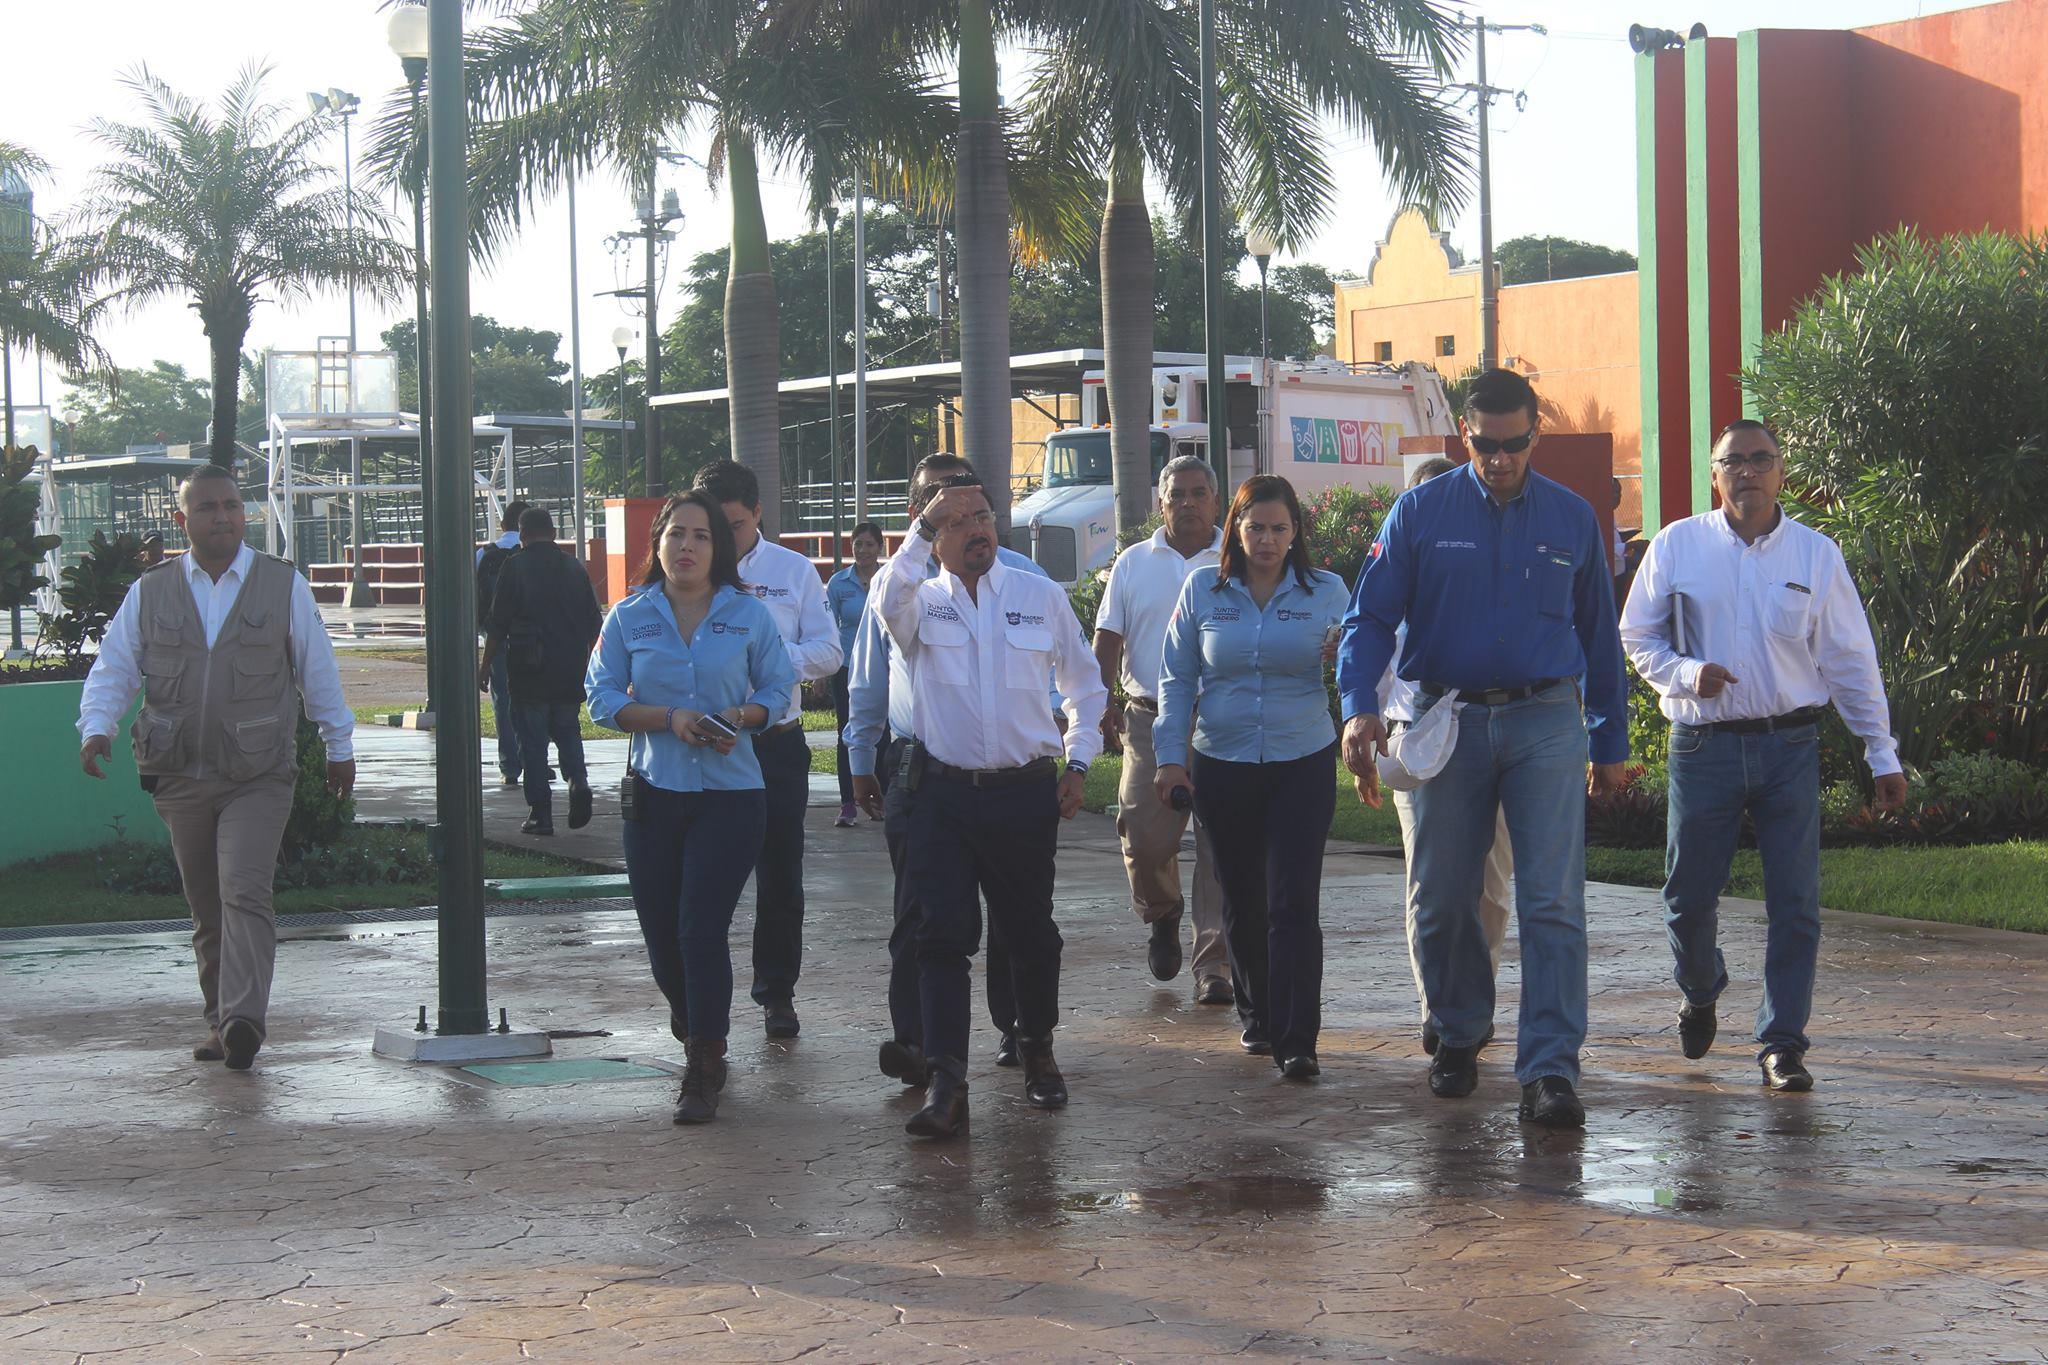 recorrido-de-cabeza-de-vaca-y-andres-zorrilla-en-ciudad-madero-3